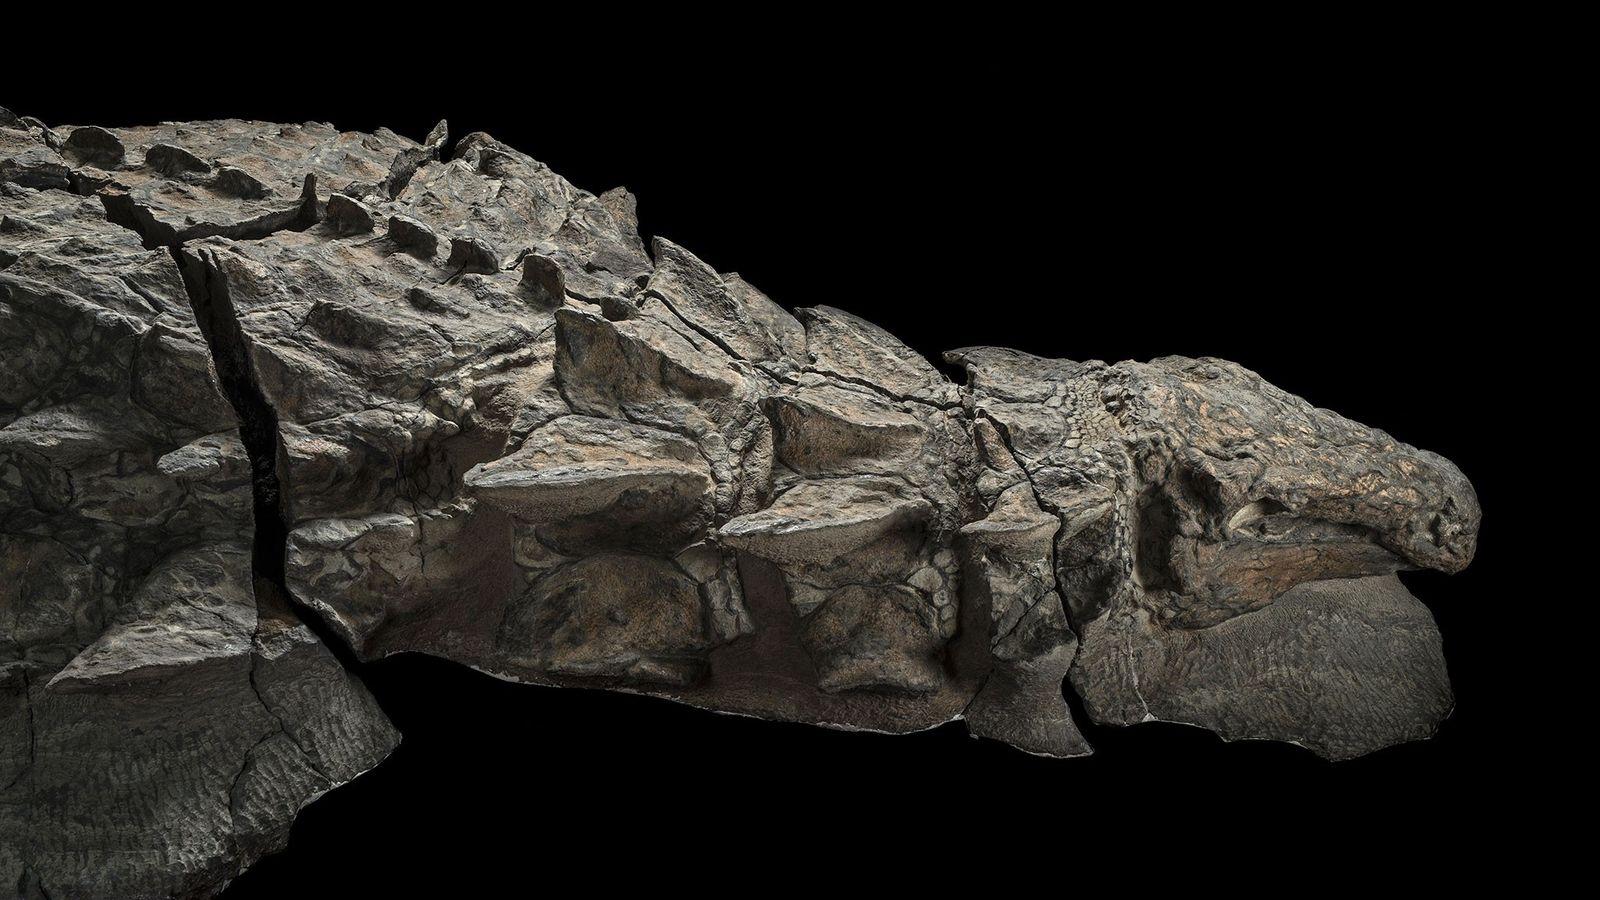 Vue de l'aile droite du dinosaure Borealopelta markmitchelli. Découvert fortuitement par des mineurs en 2011, il ...